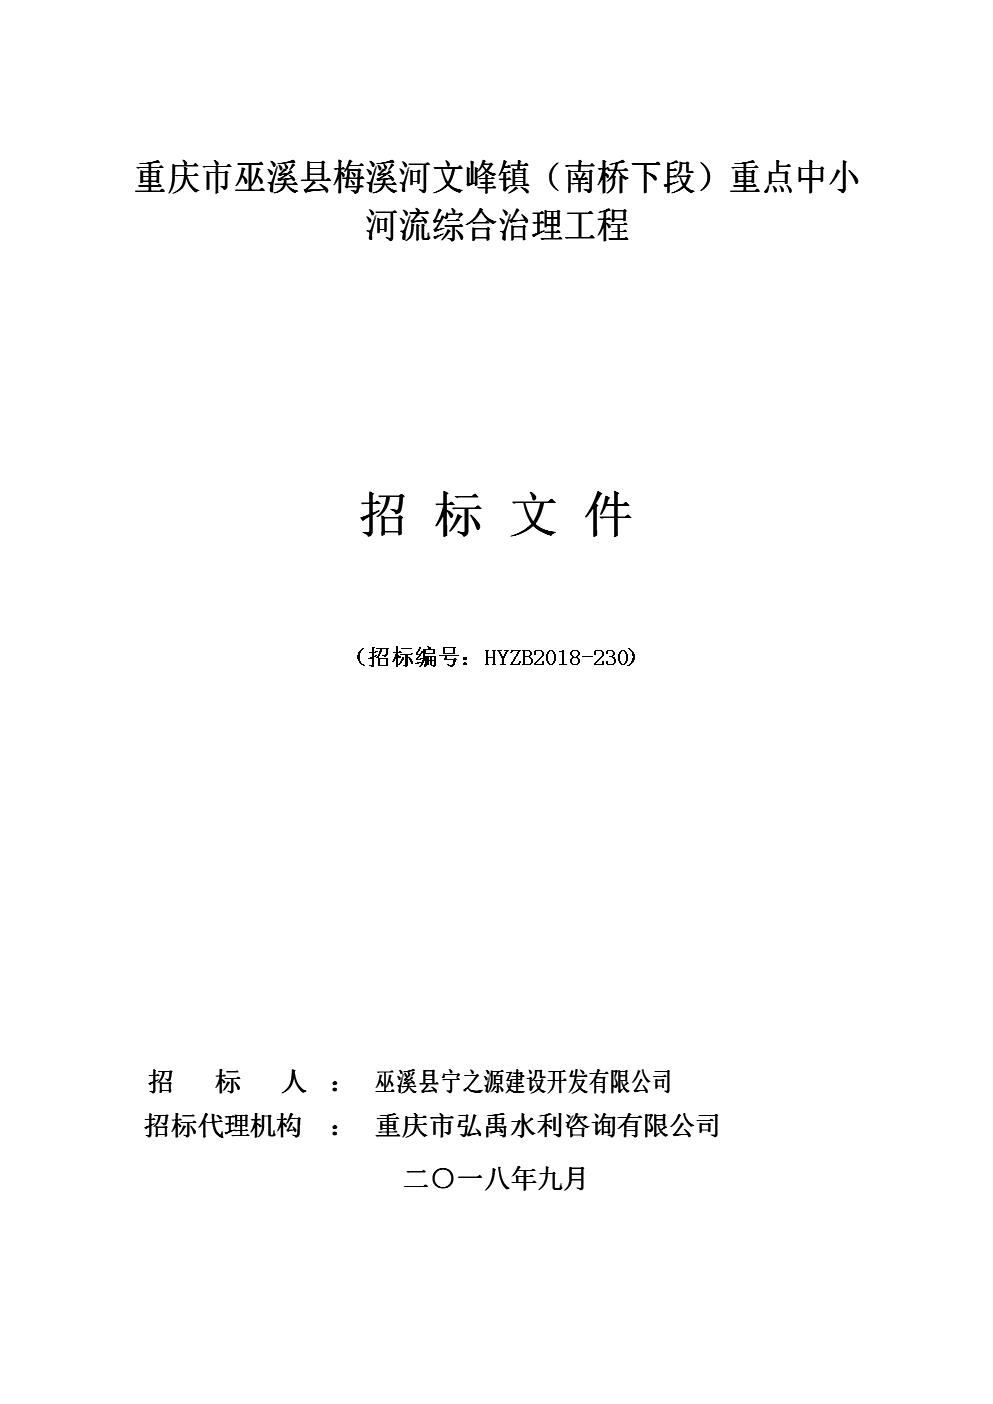 重庆巫溪梅溪河文峰镇南桥下段重点中小河流综合治理工程.doc